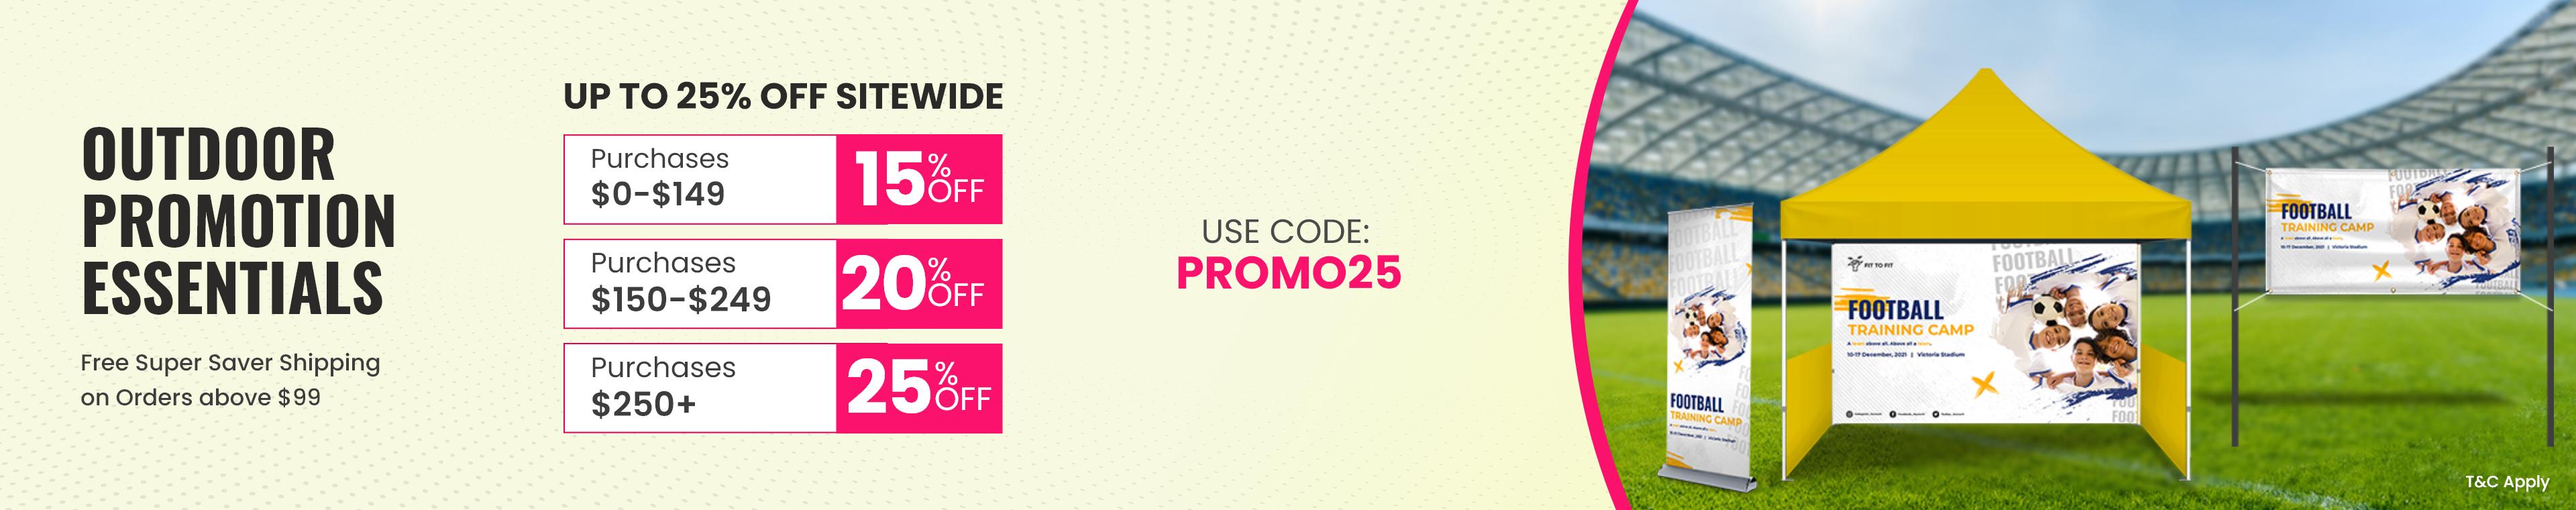 PROMO25